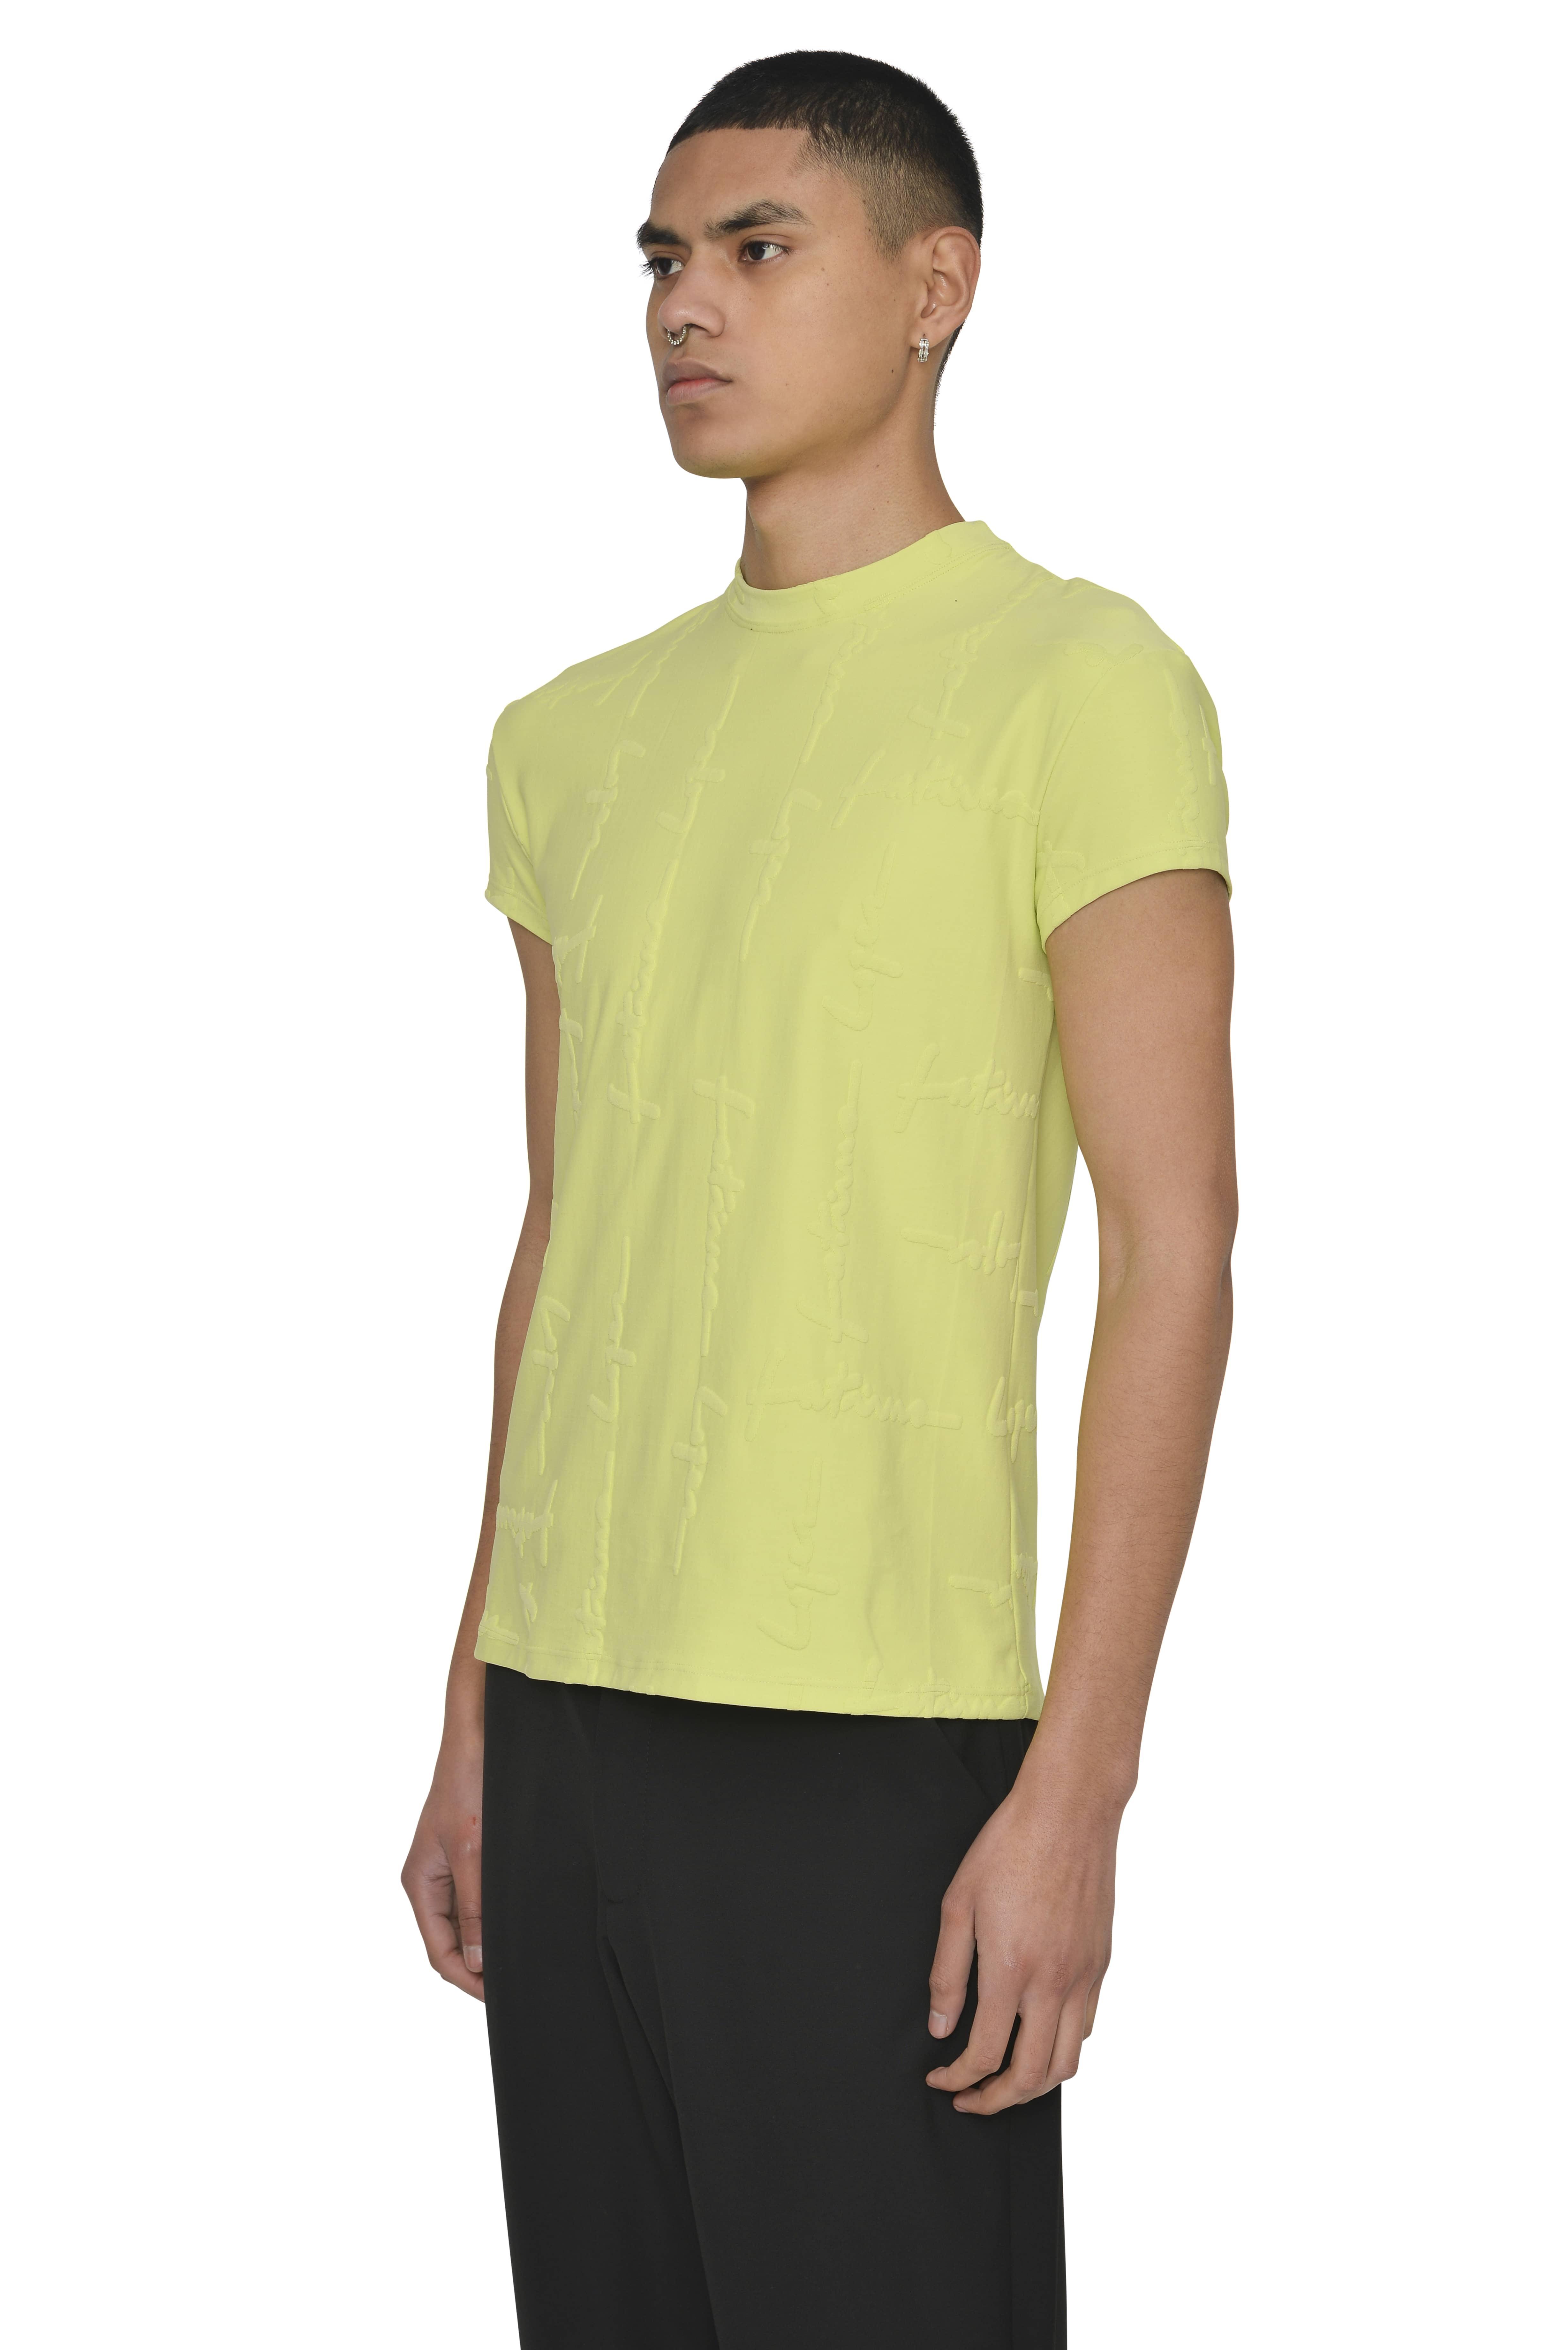 T-shirt CANÁRIO 3